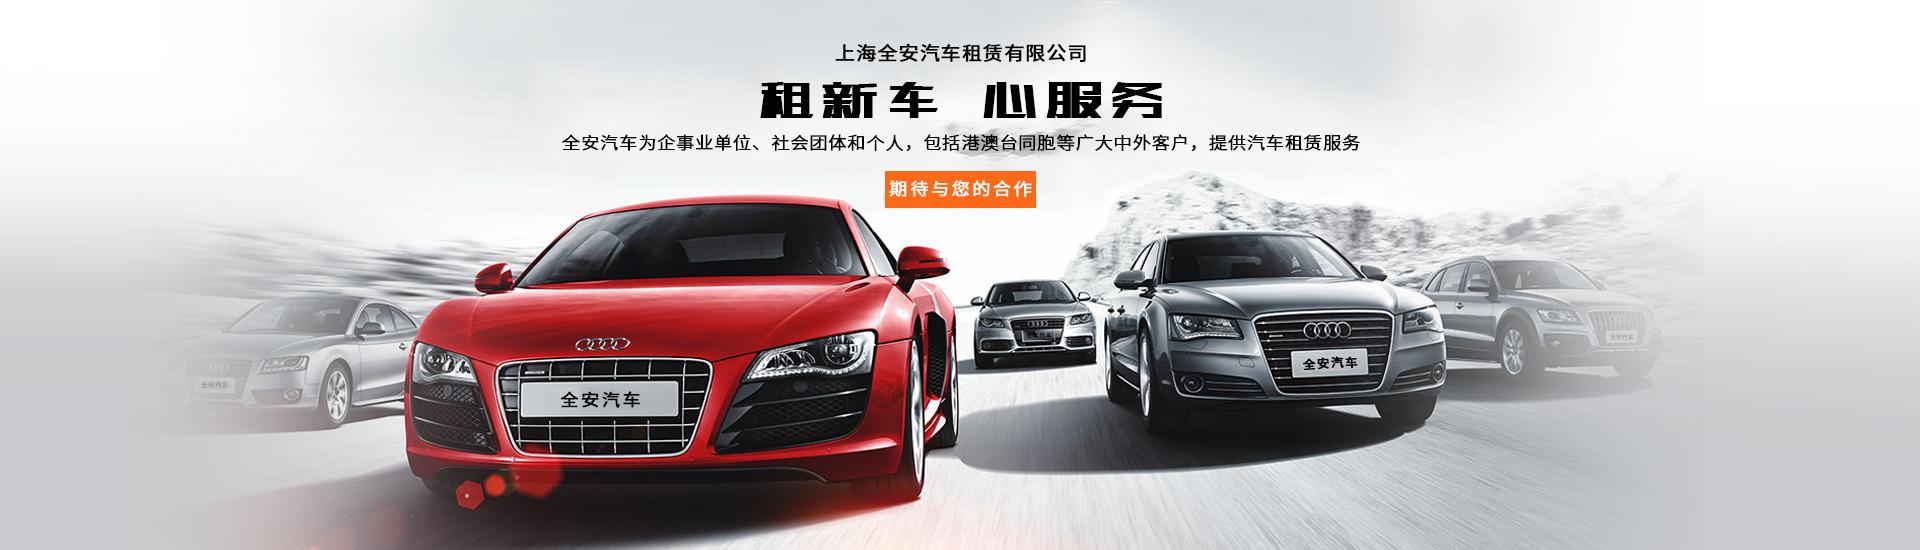 上海全安汽车租赁有限公司